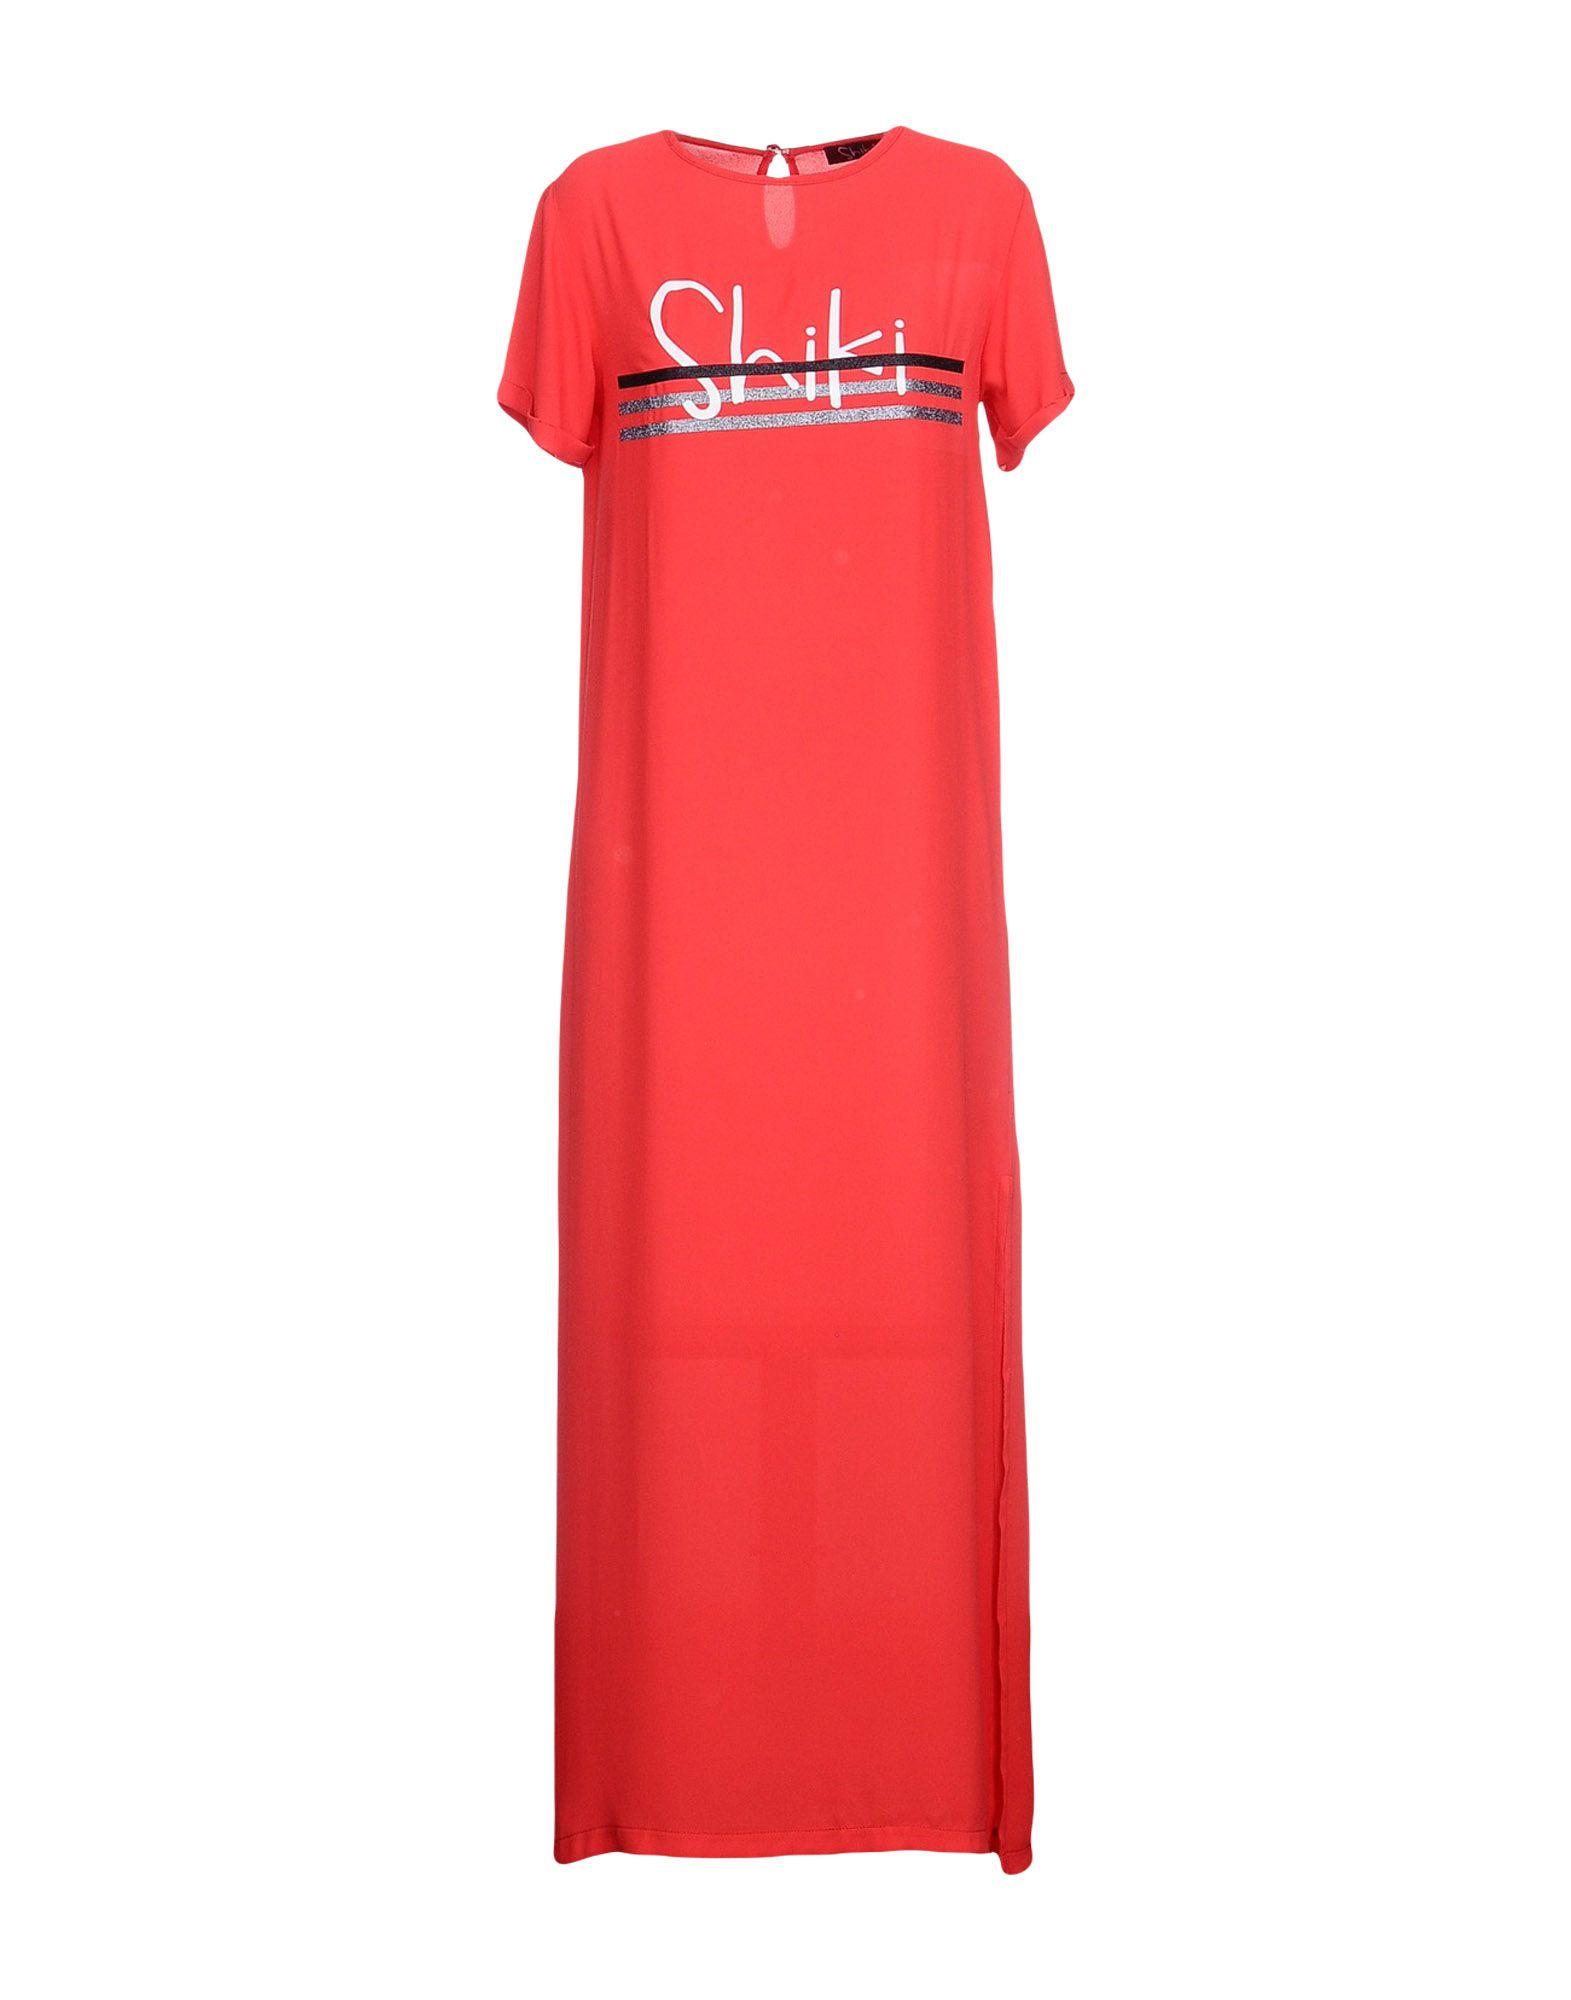 цена SHIKI Длинное платье онлайн в 2017 году